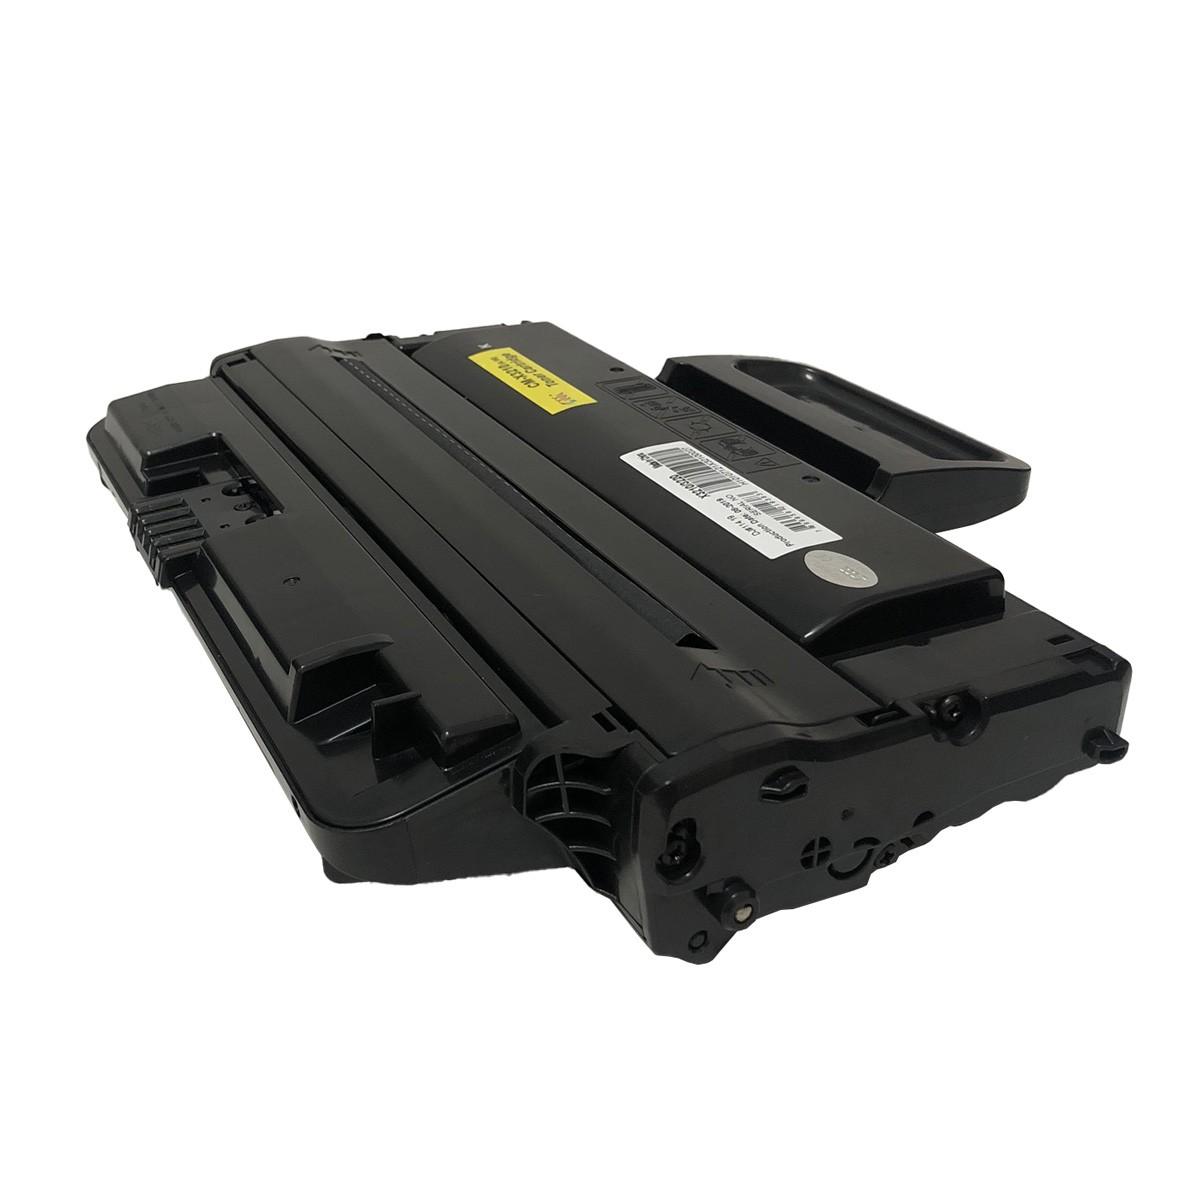 Toner Chinamate X3210 Compatível com 3210N 3220DN da WorkCentre